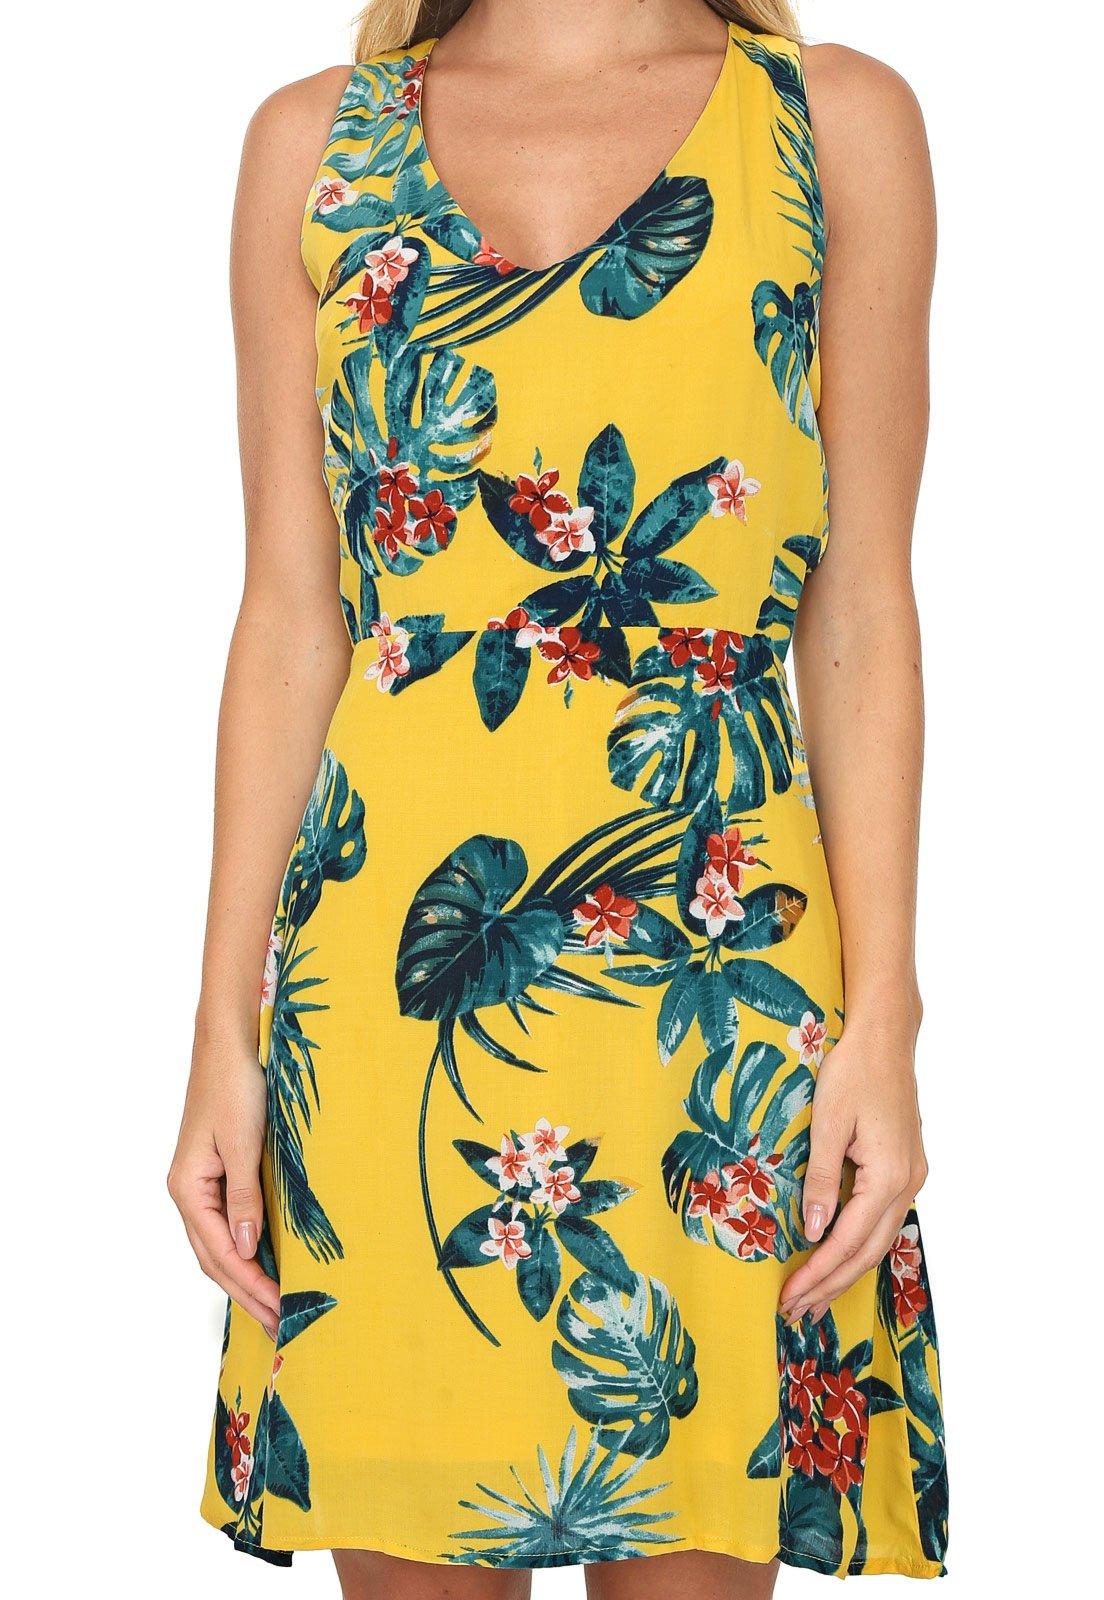 Vestido Queens Paris Curto Floral Amarelo - Marca Queens Paris